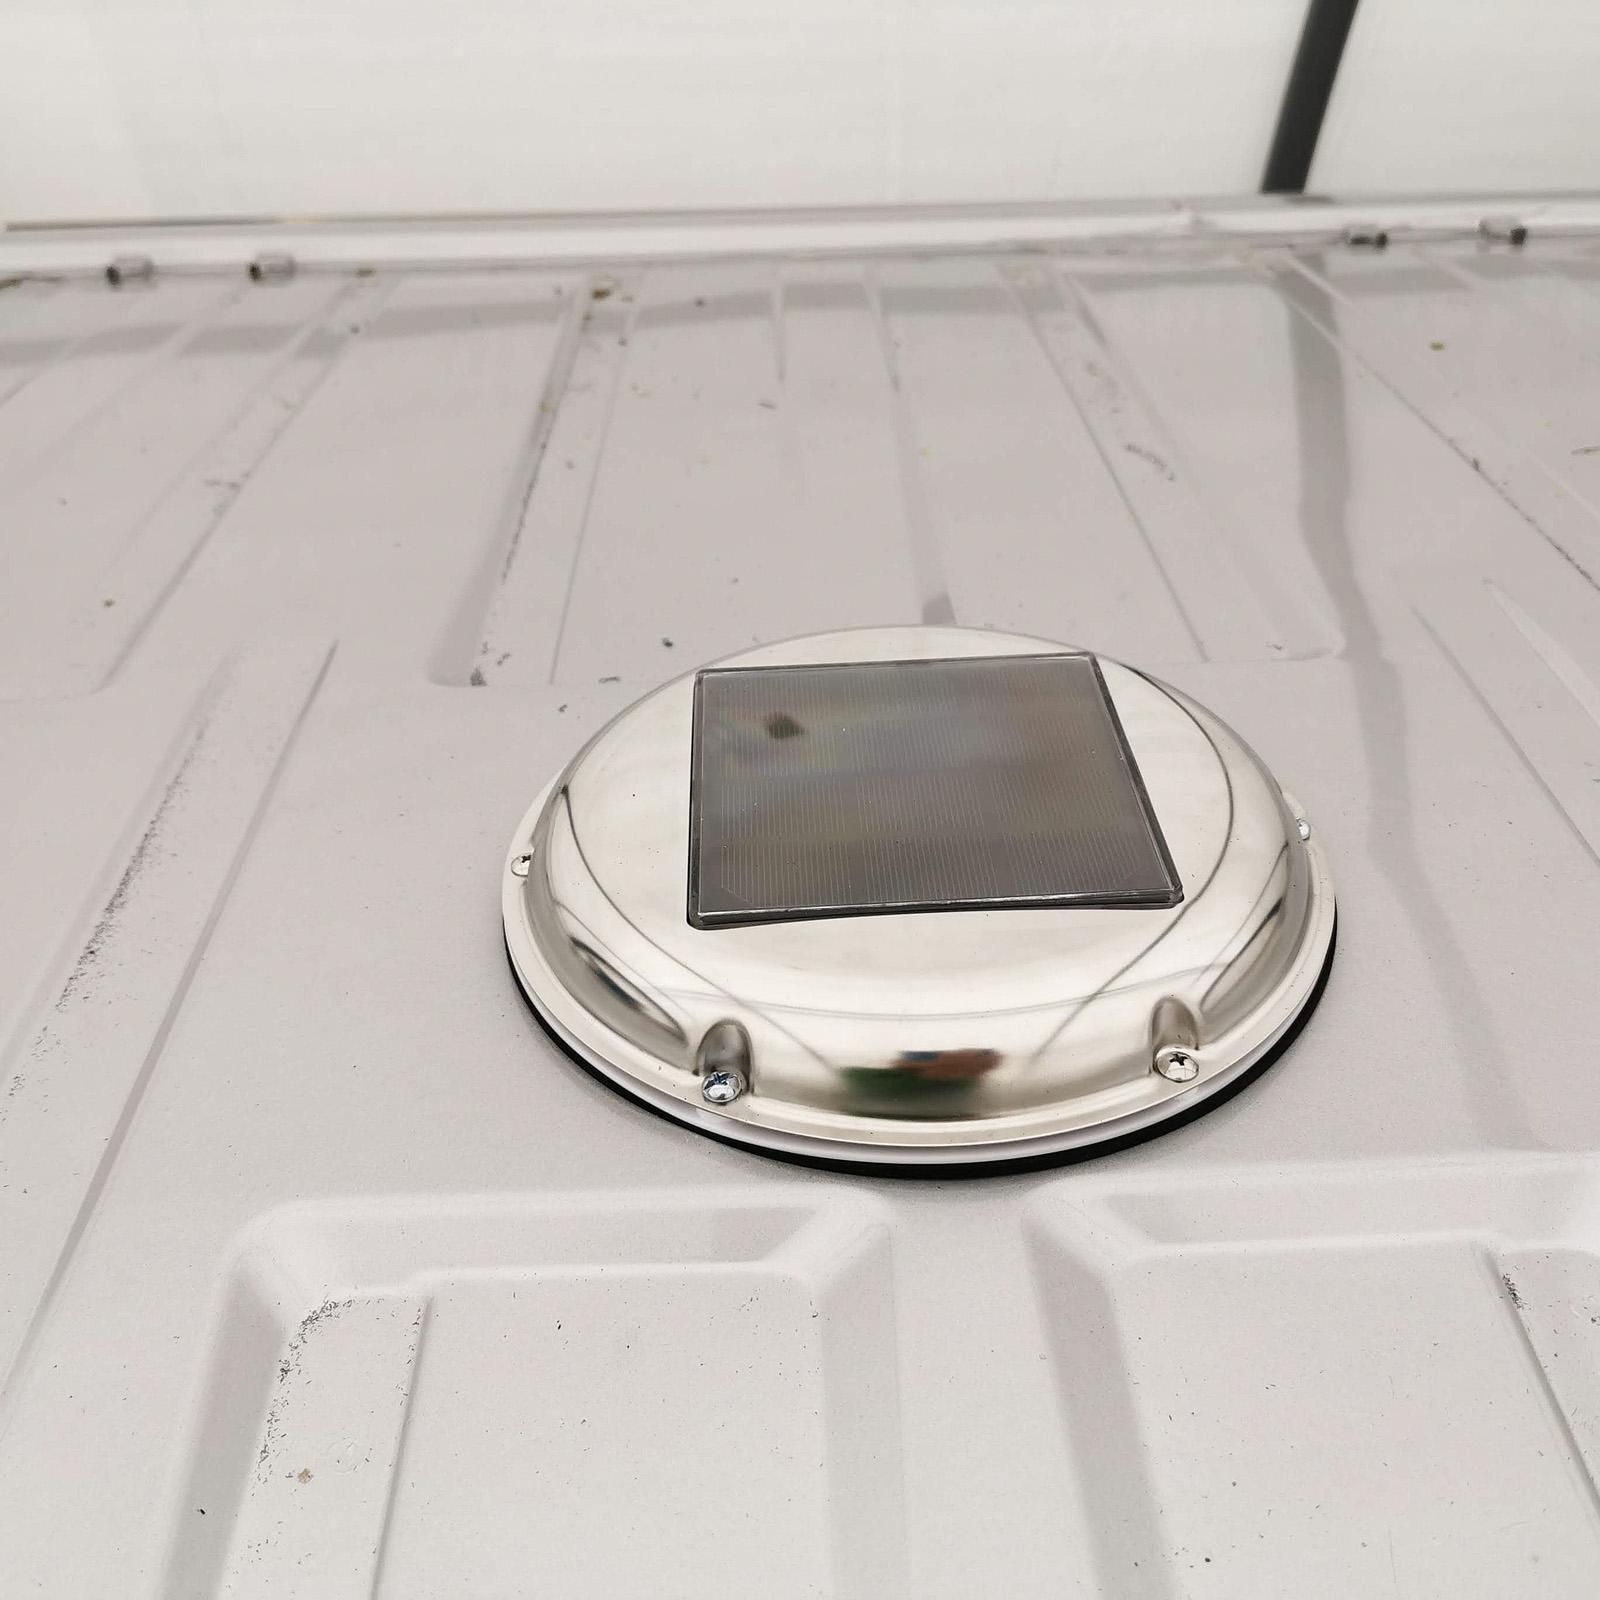 Solcellen laddar batteriet som sitter i takventilen. Ventilen har inställningar för luft in/ut samt två hastigheter. Den är i det närmaste ljudlös. En nackdel är att det är lätt att glömma den påslagen och därmed kräma ur batteriet om det inte är soligt ute.